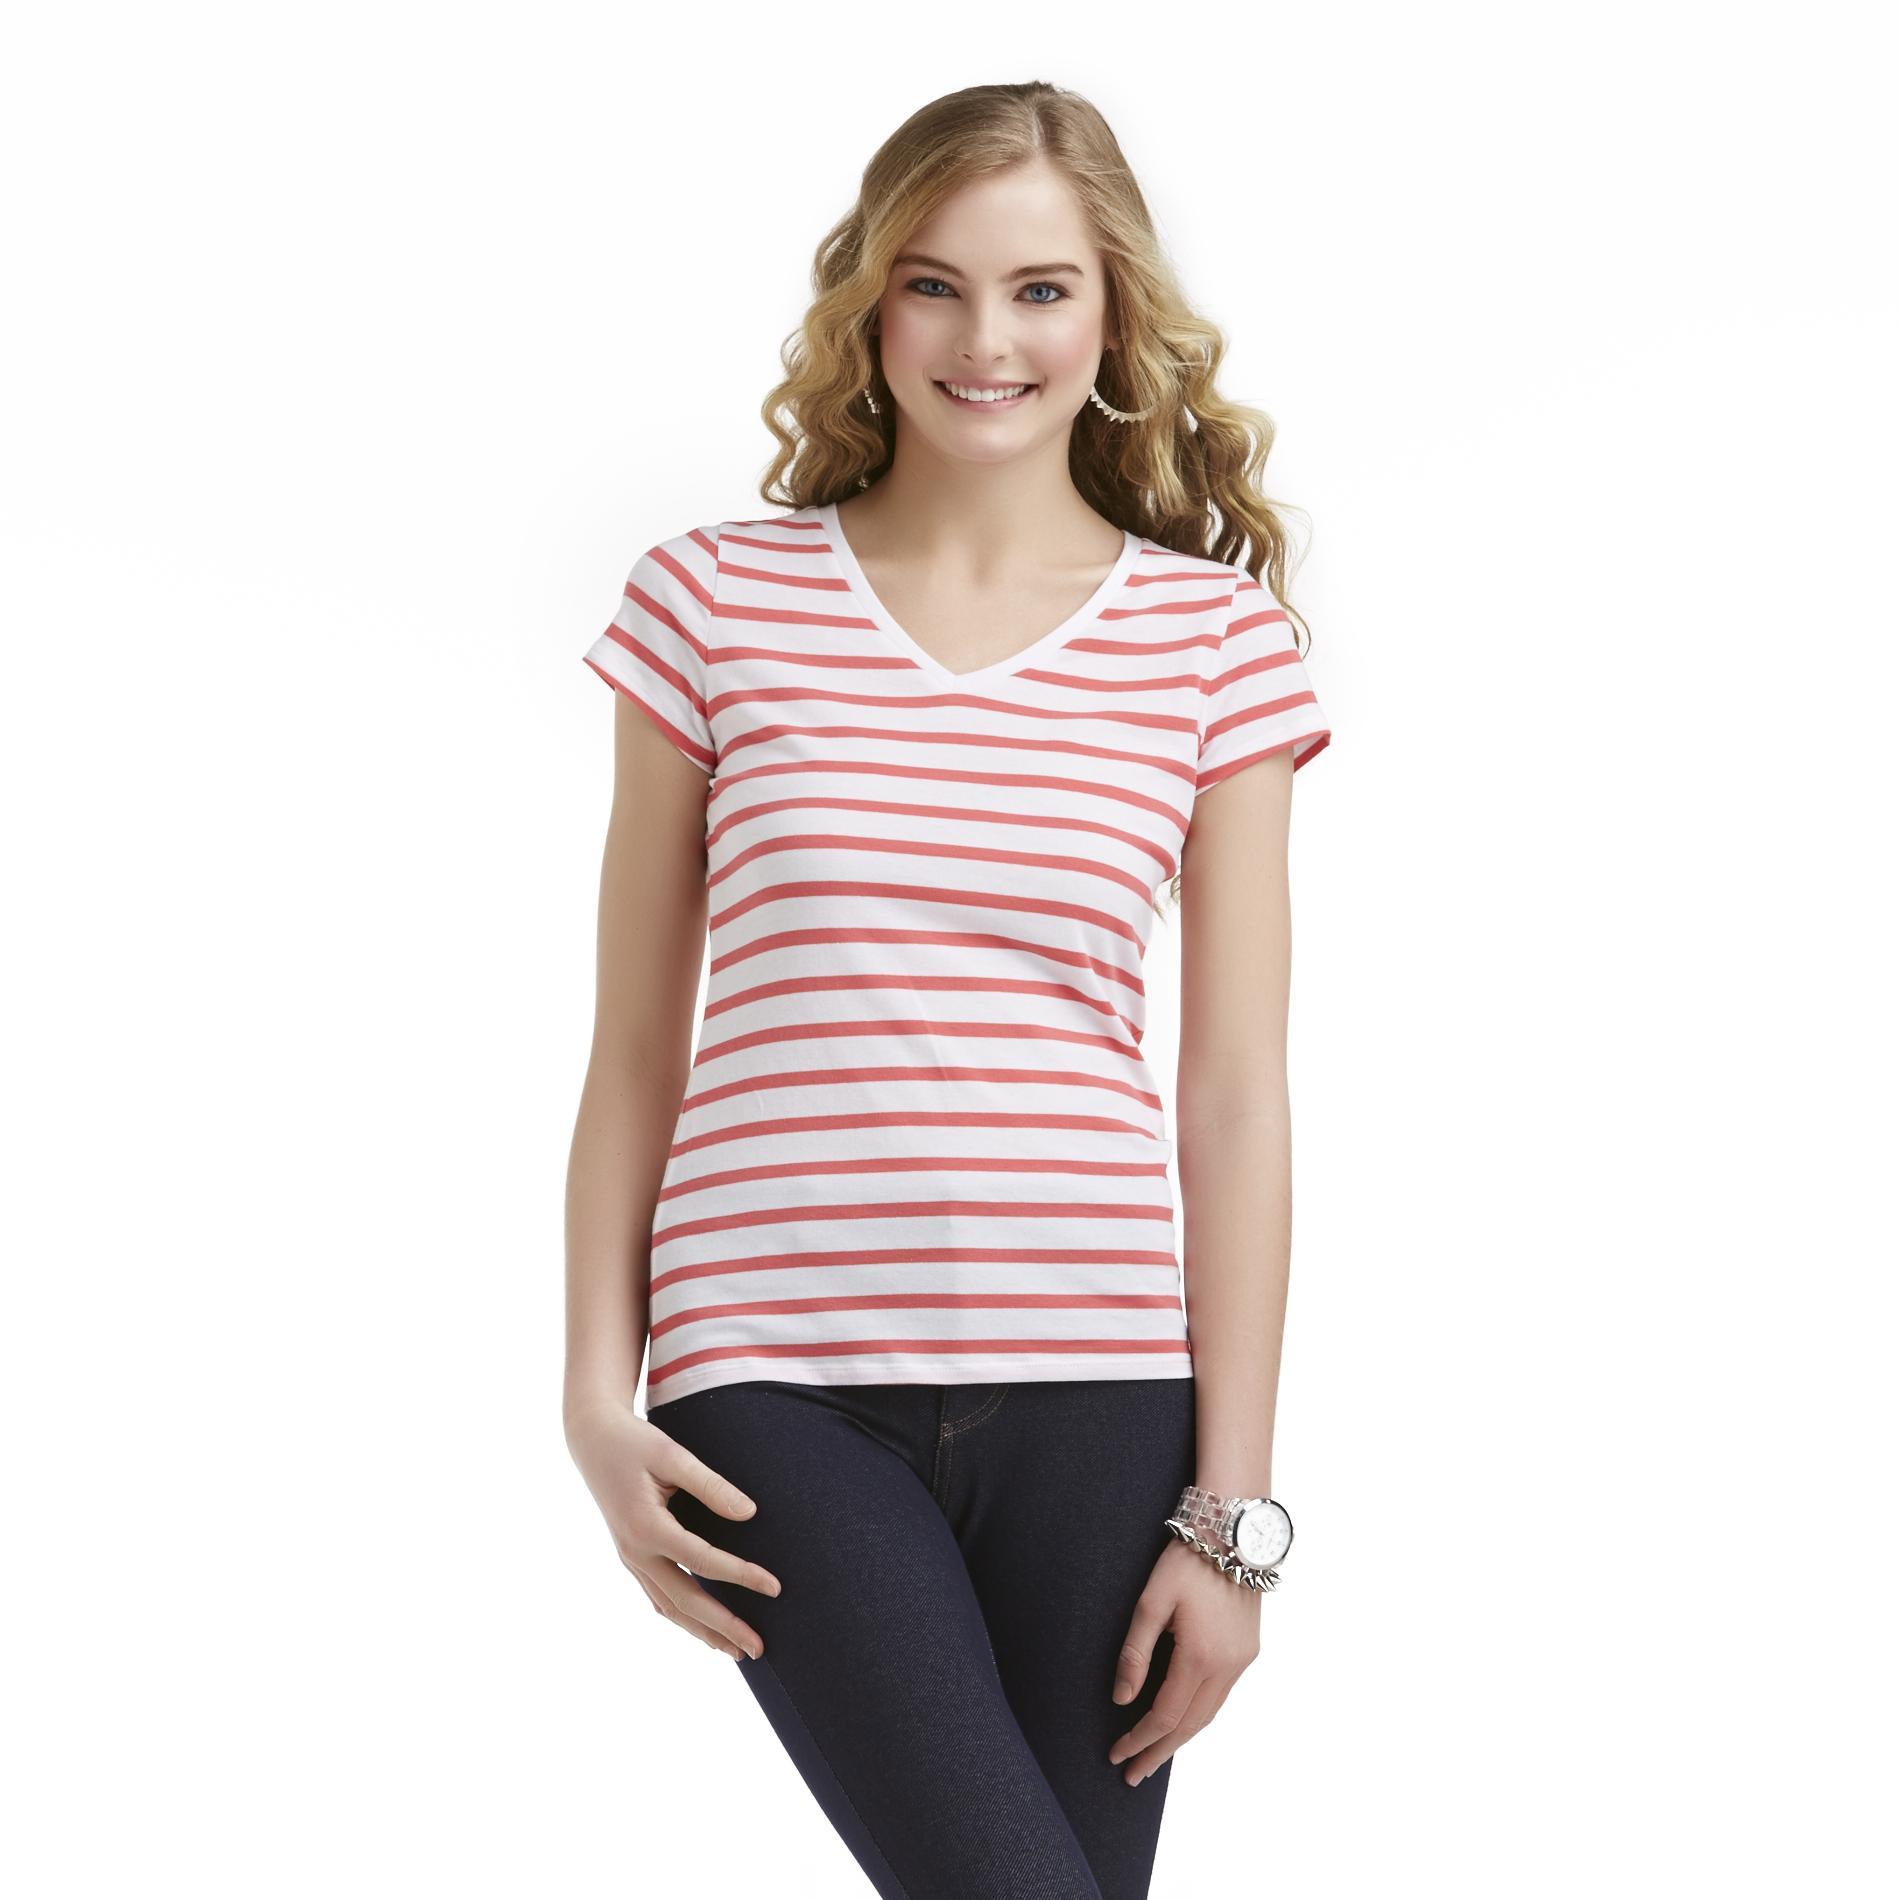 Bongo Junior's V-Neck T-Shirt - Striped at Sears.com